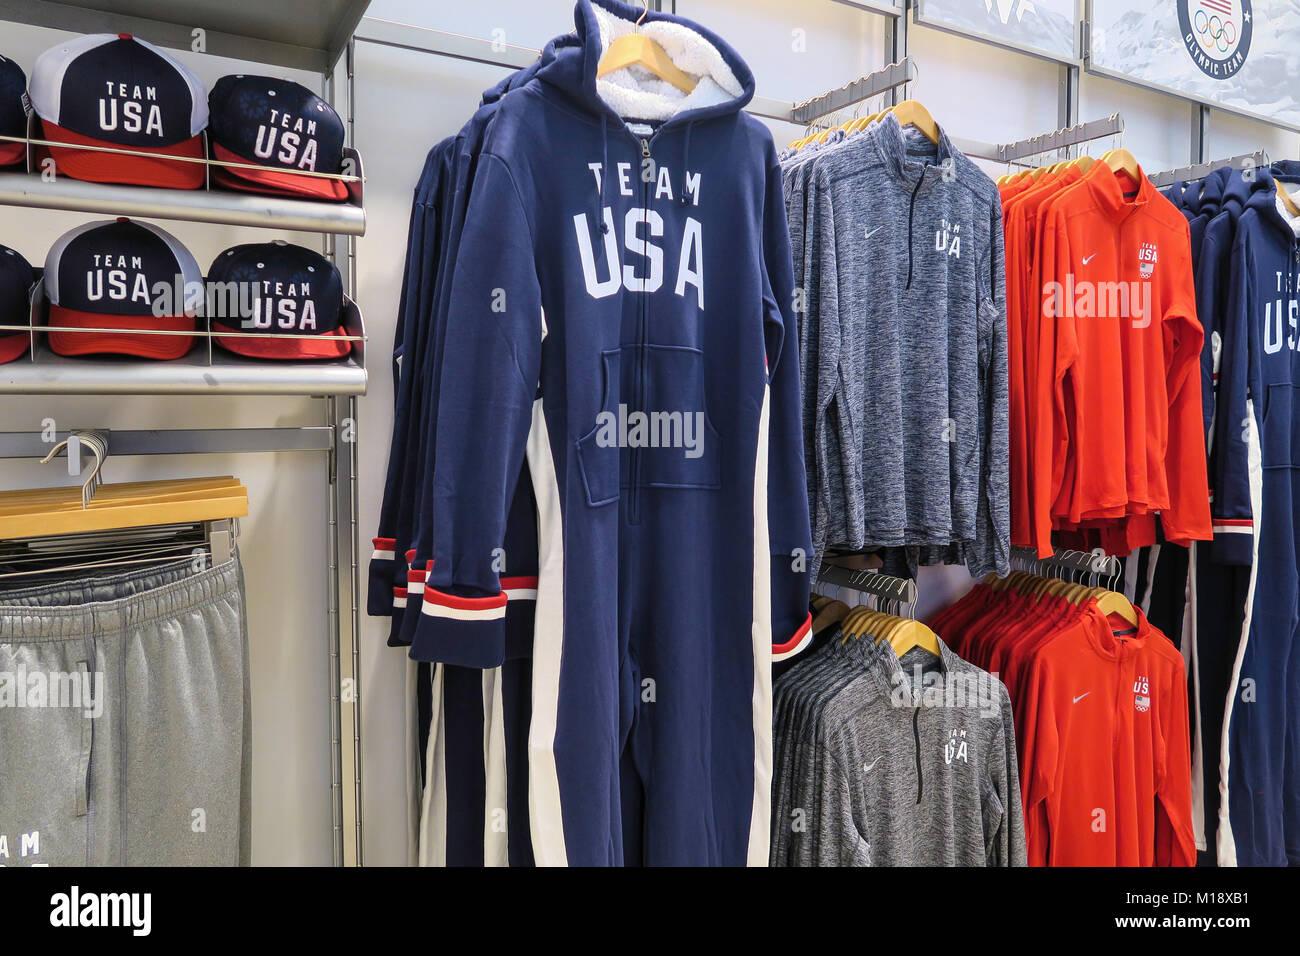 Team USA Shop in Rockefeller Center, NYC, USA - Stock Image